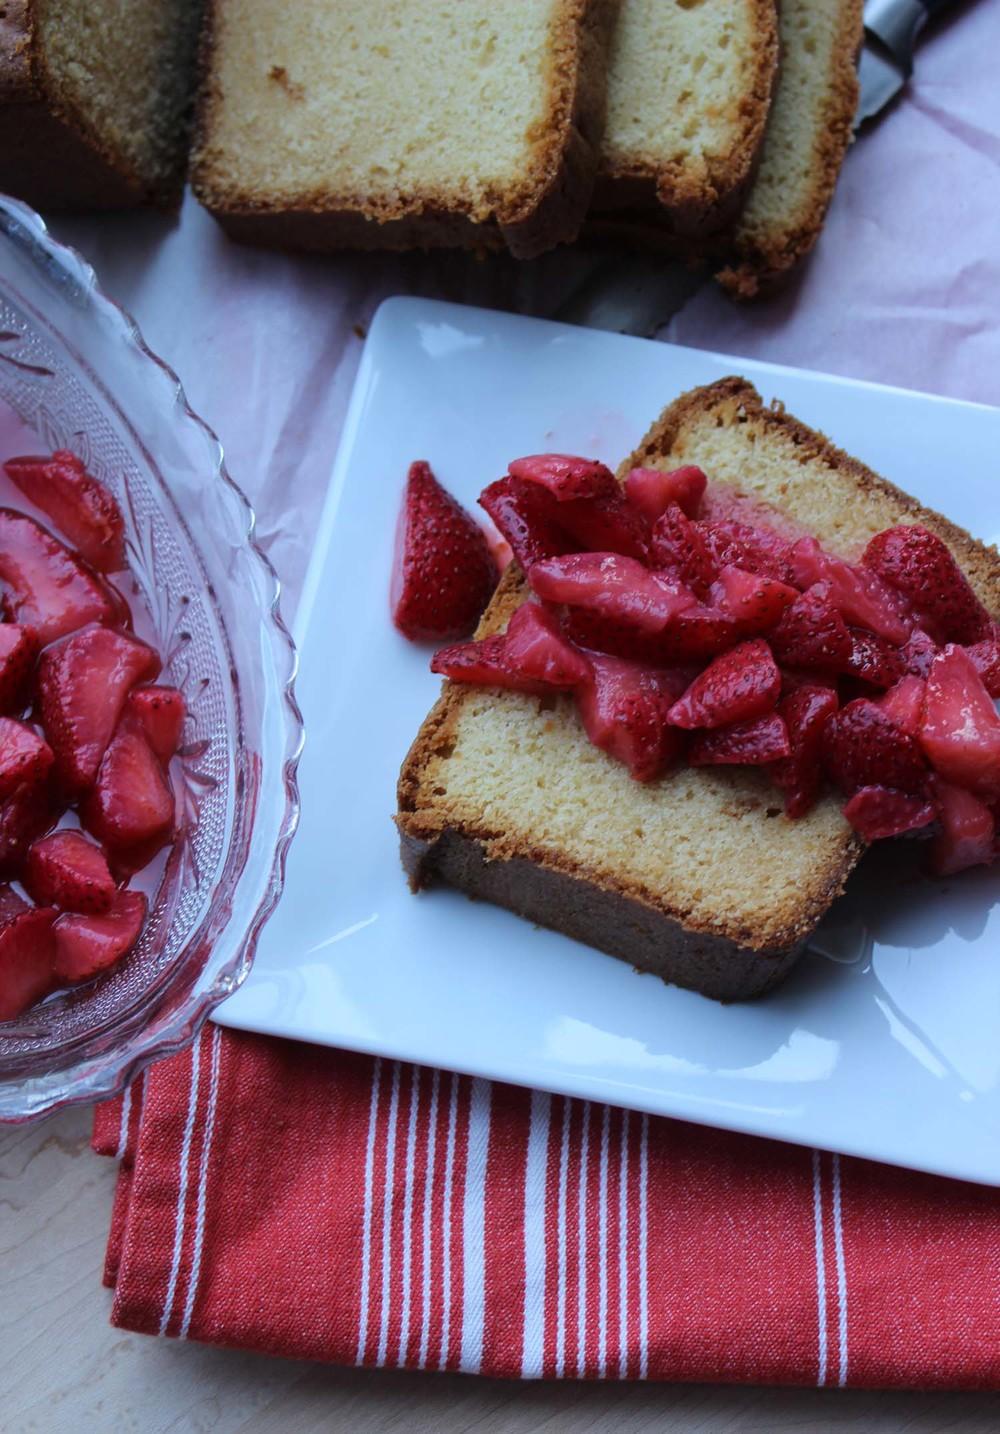 Honey Vanilla Pound Cake with Strawberries | Image: Laura Messersmith